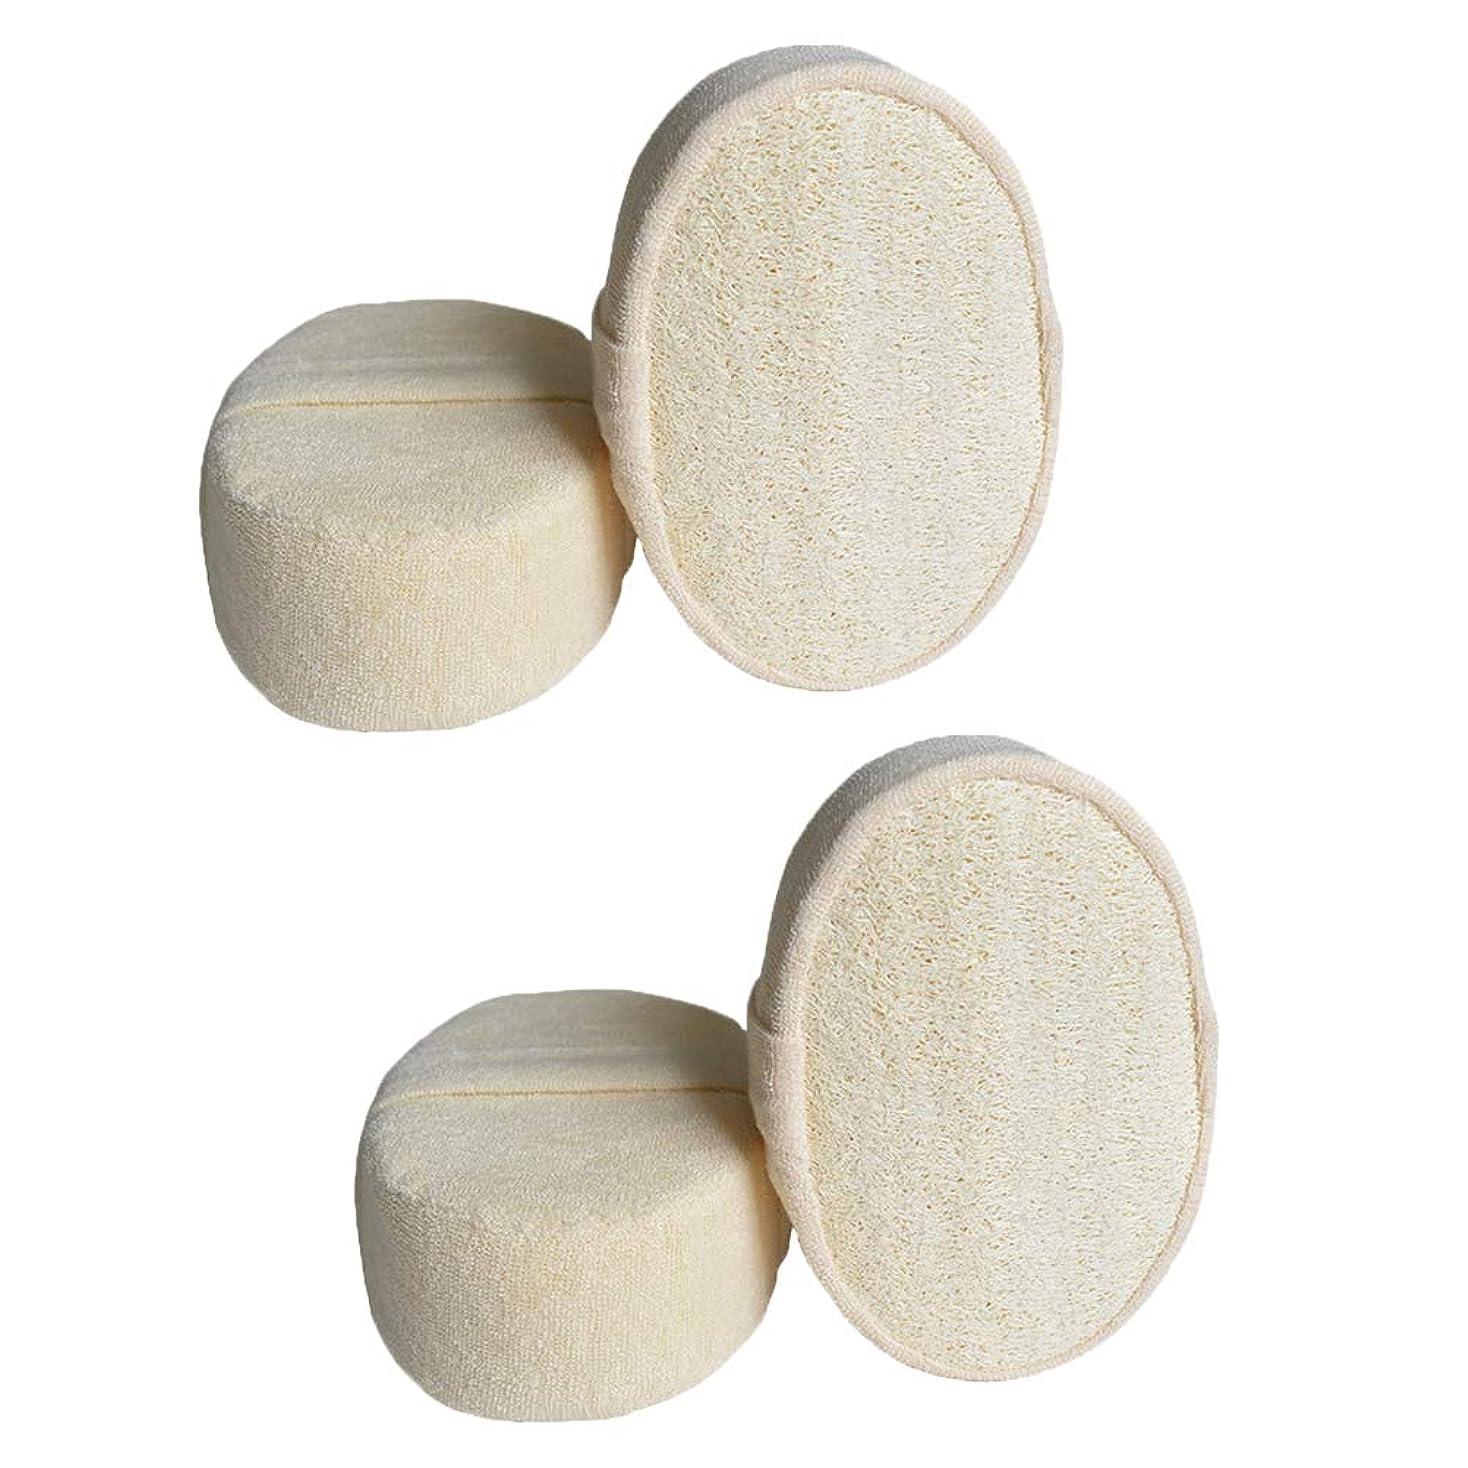 本部ブッシュ高原Healifty 4ピース剥離剥離剤パッドloofaスポンジスクラバーブラシ用風呂スパシャワー